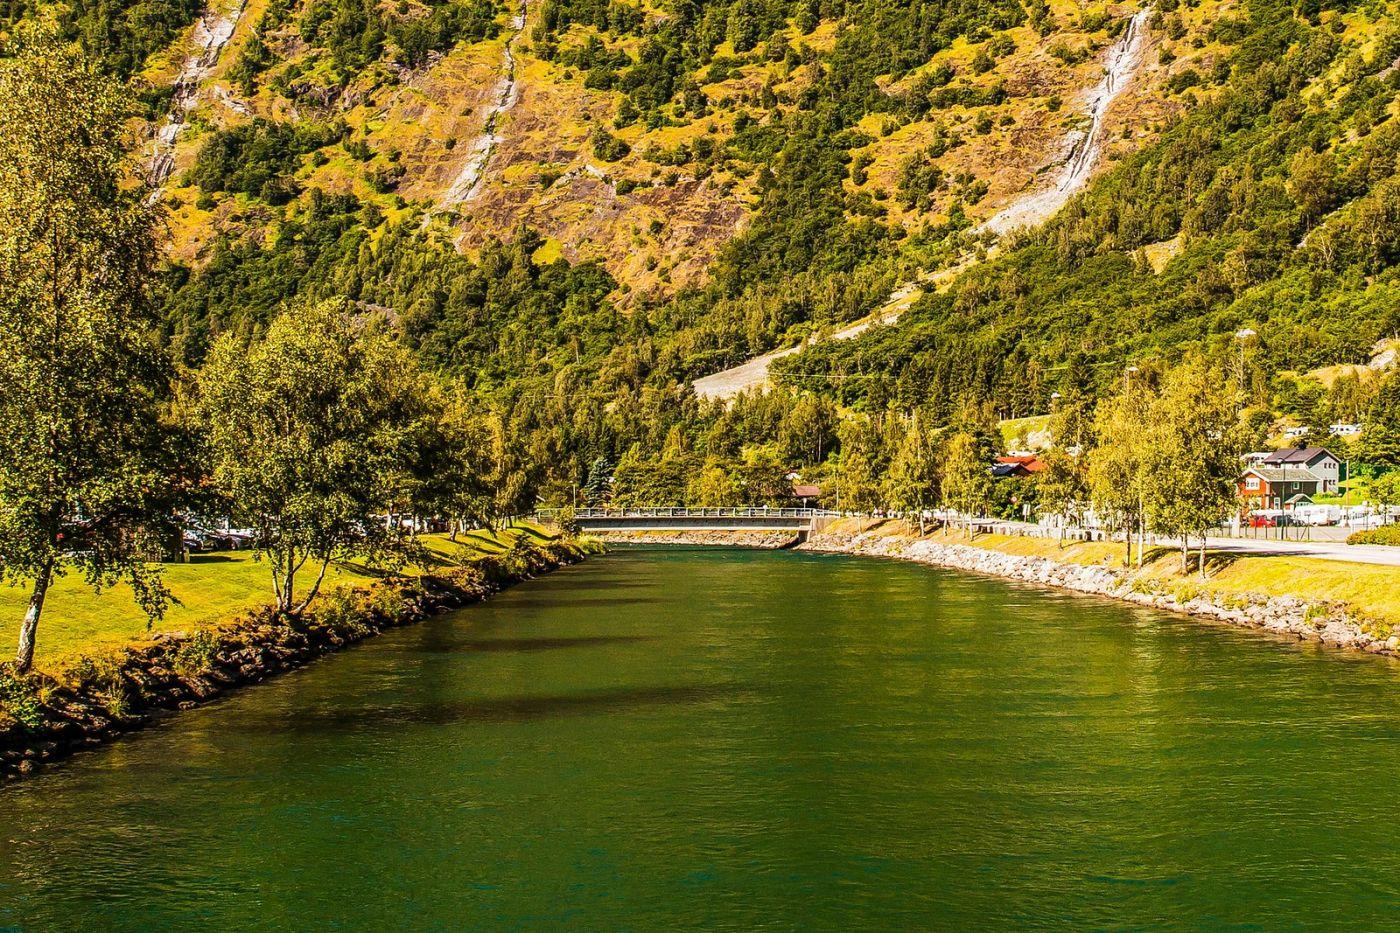 挪威弗拉姆铁路(Flam Railway),美丽的小站_图1-34